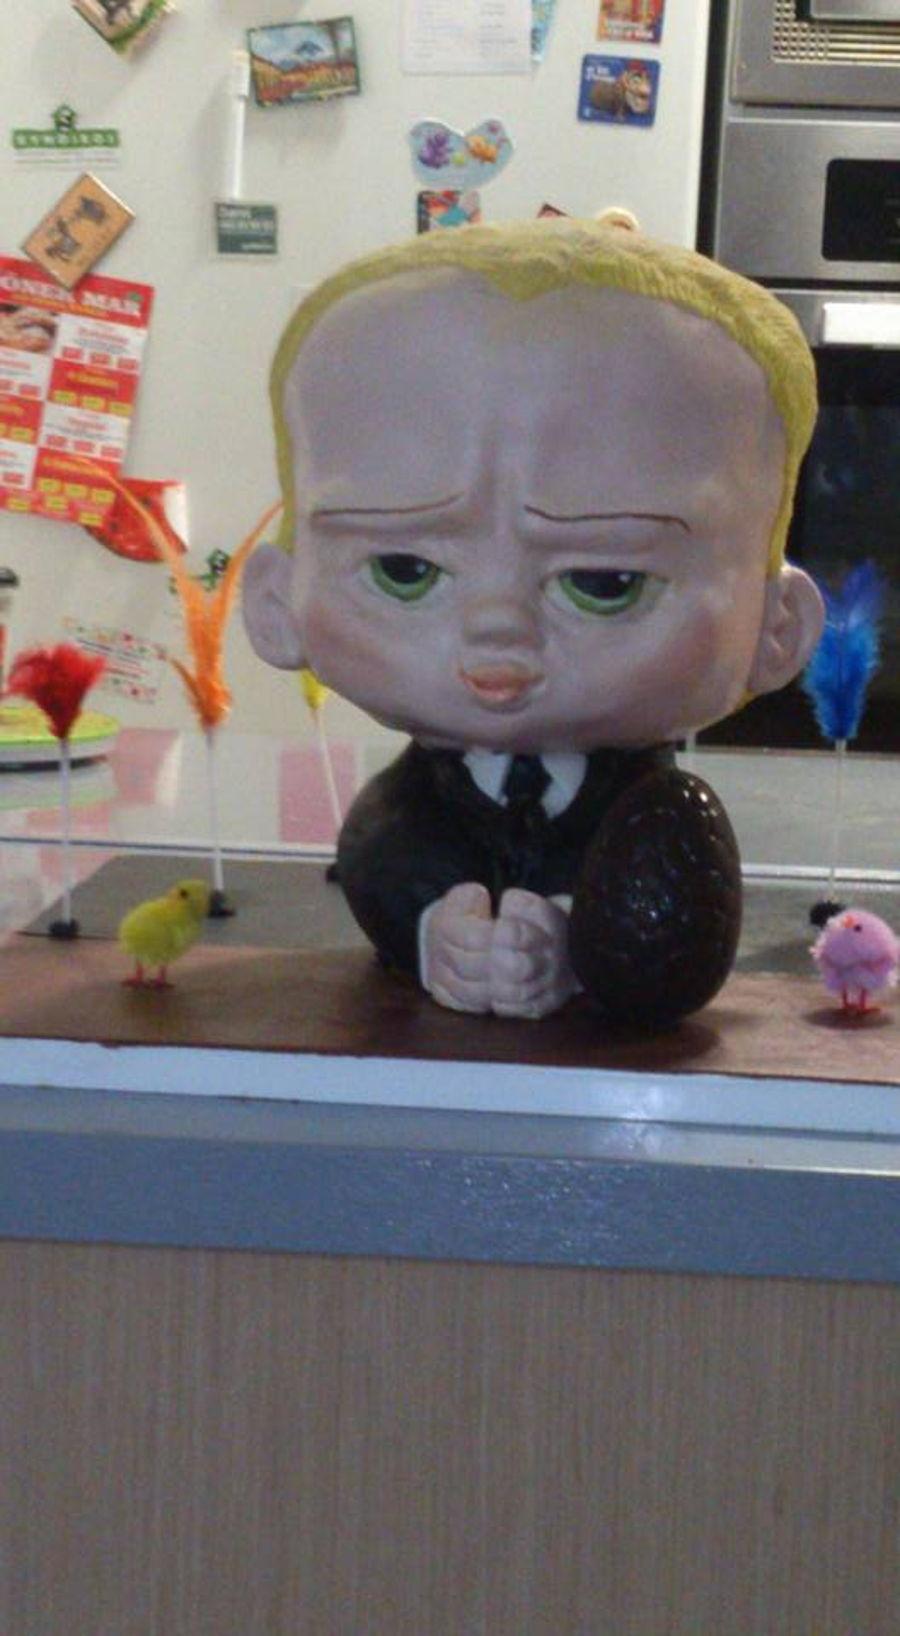 Cake Boss Baby